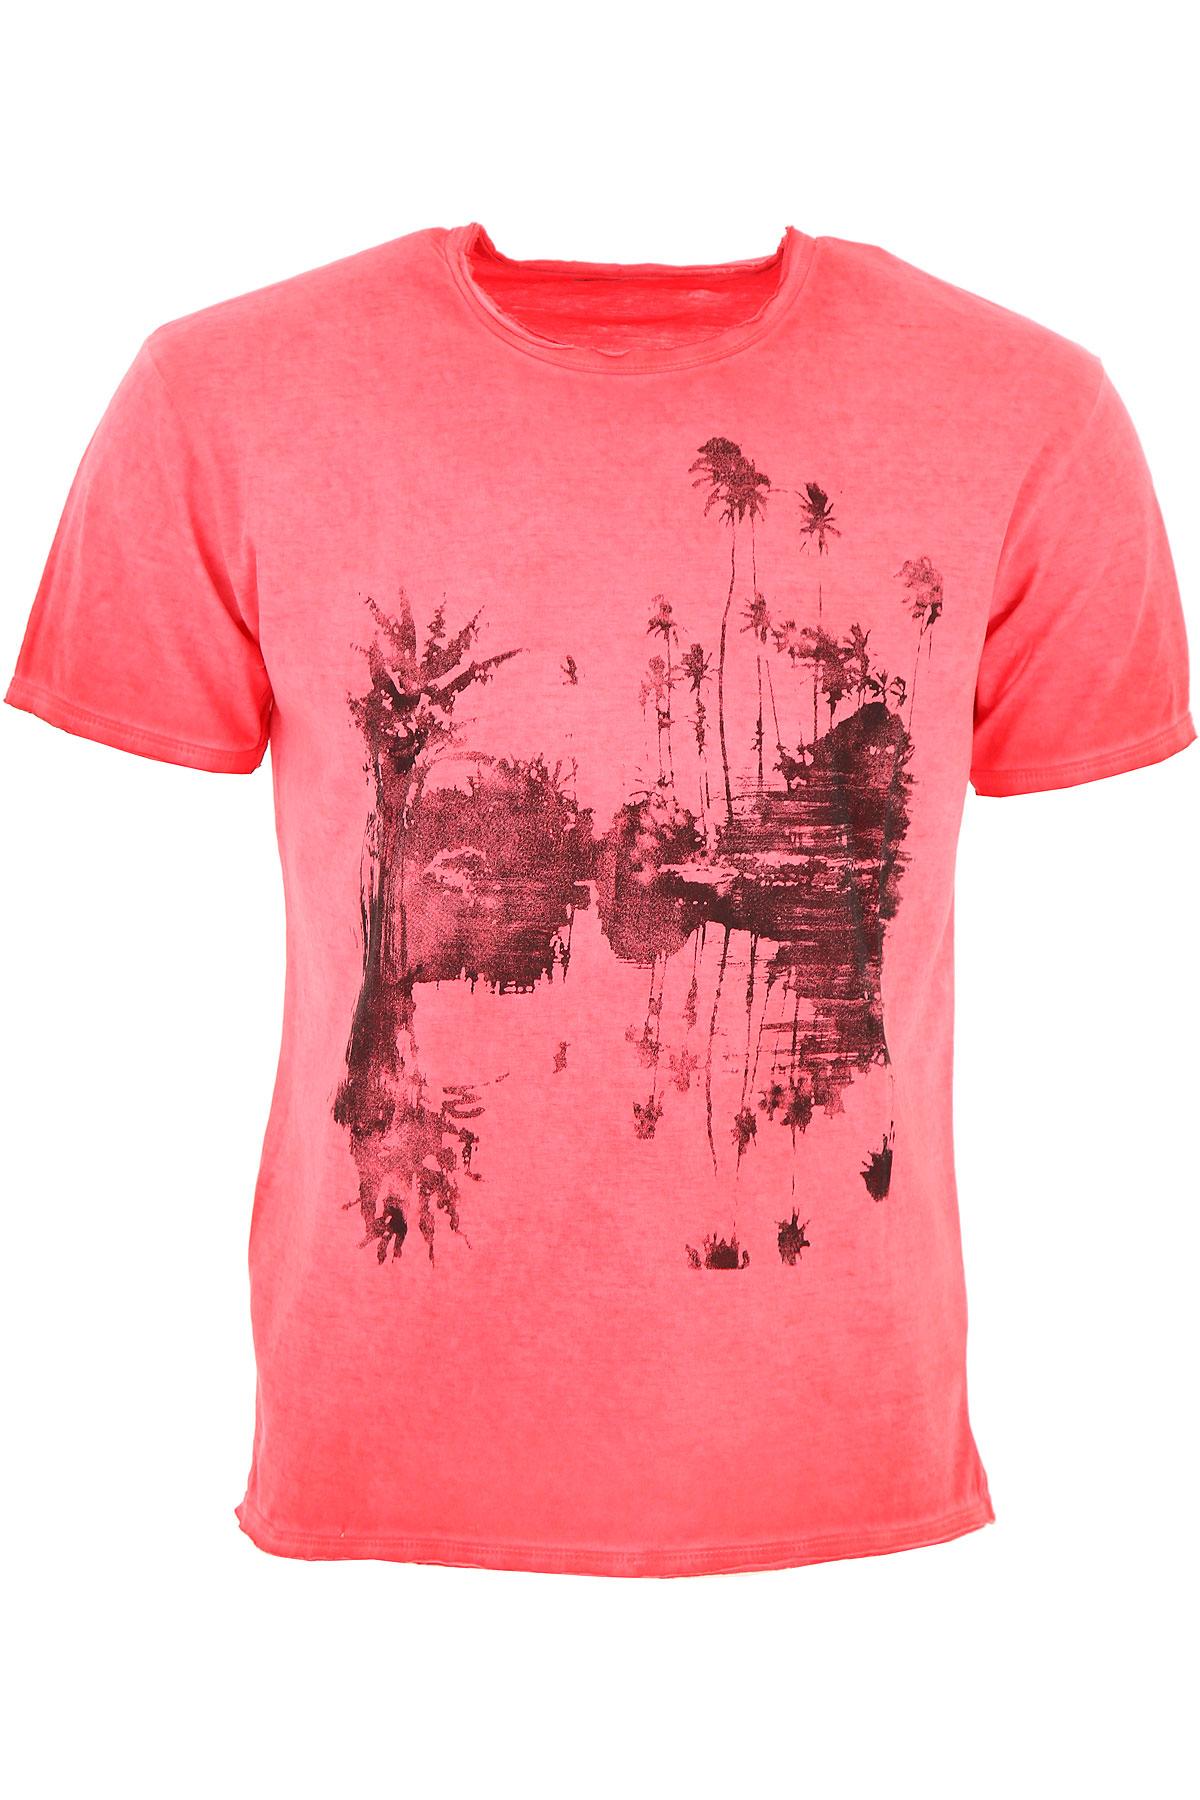 Bomboogie T-Shirt for Men, Pink, Cotton, 2017, L M S XL XXL XXXL USA-459202